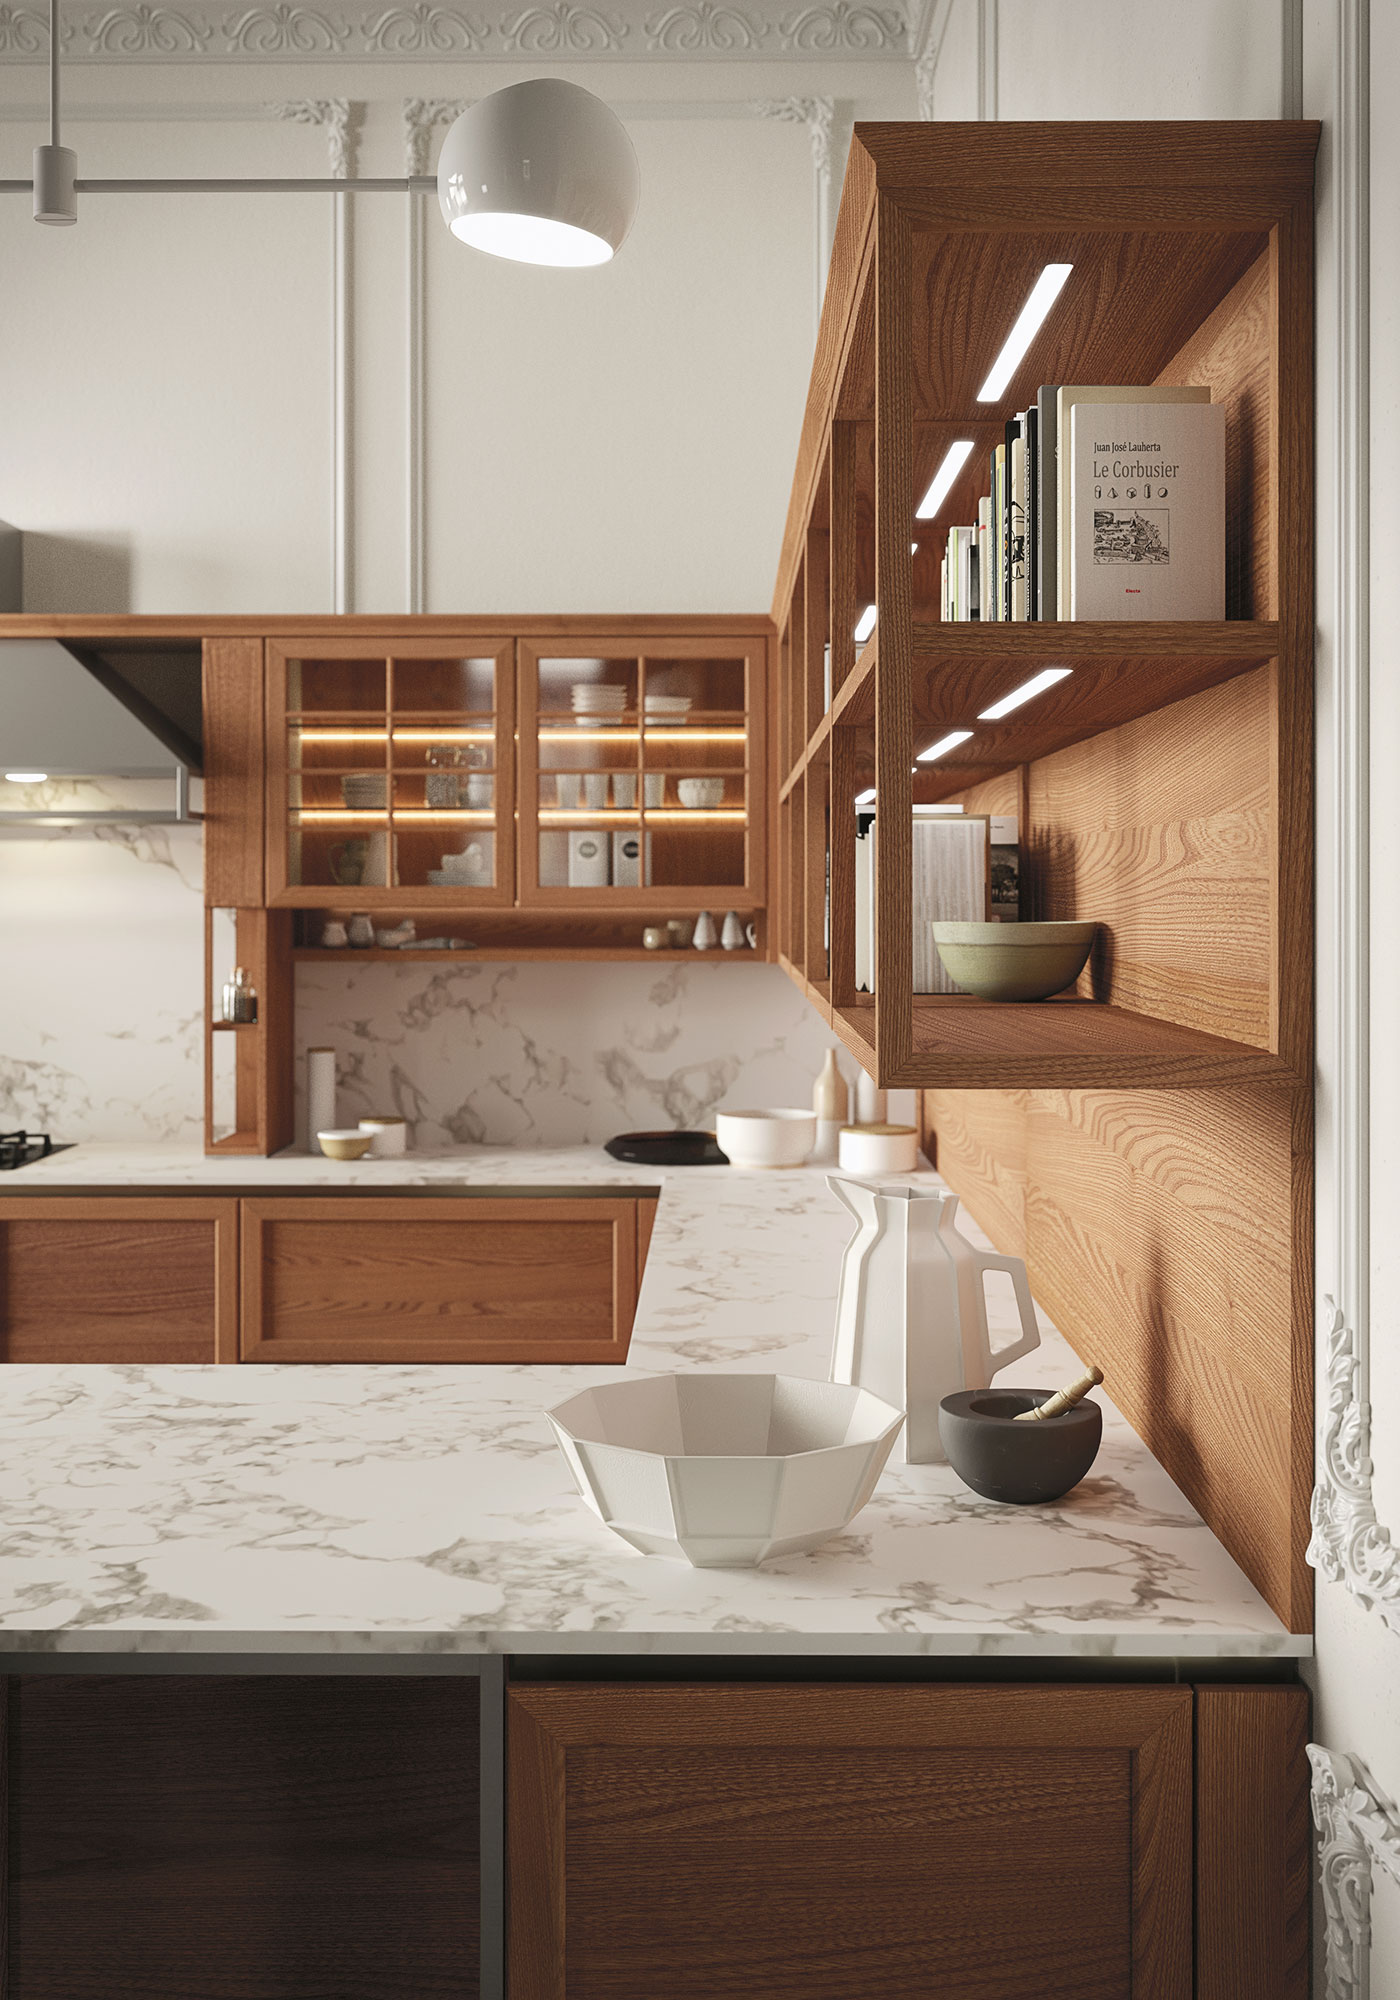 cucine-classiche-heritage-snaidero-dettaglio-1